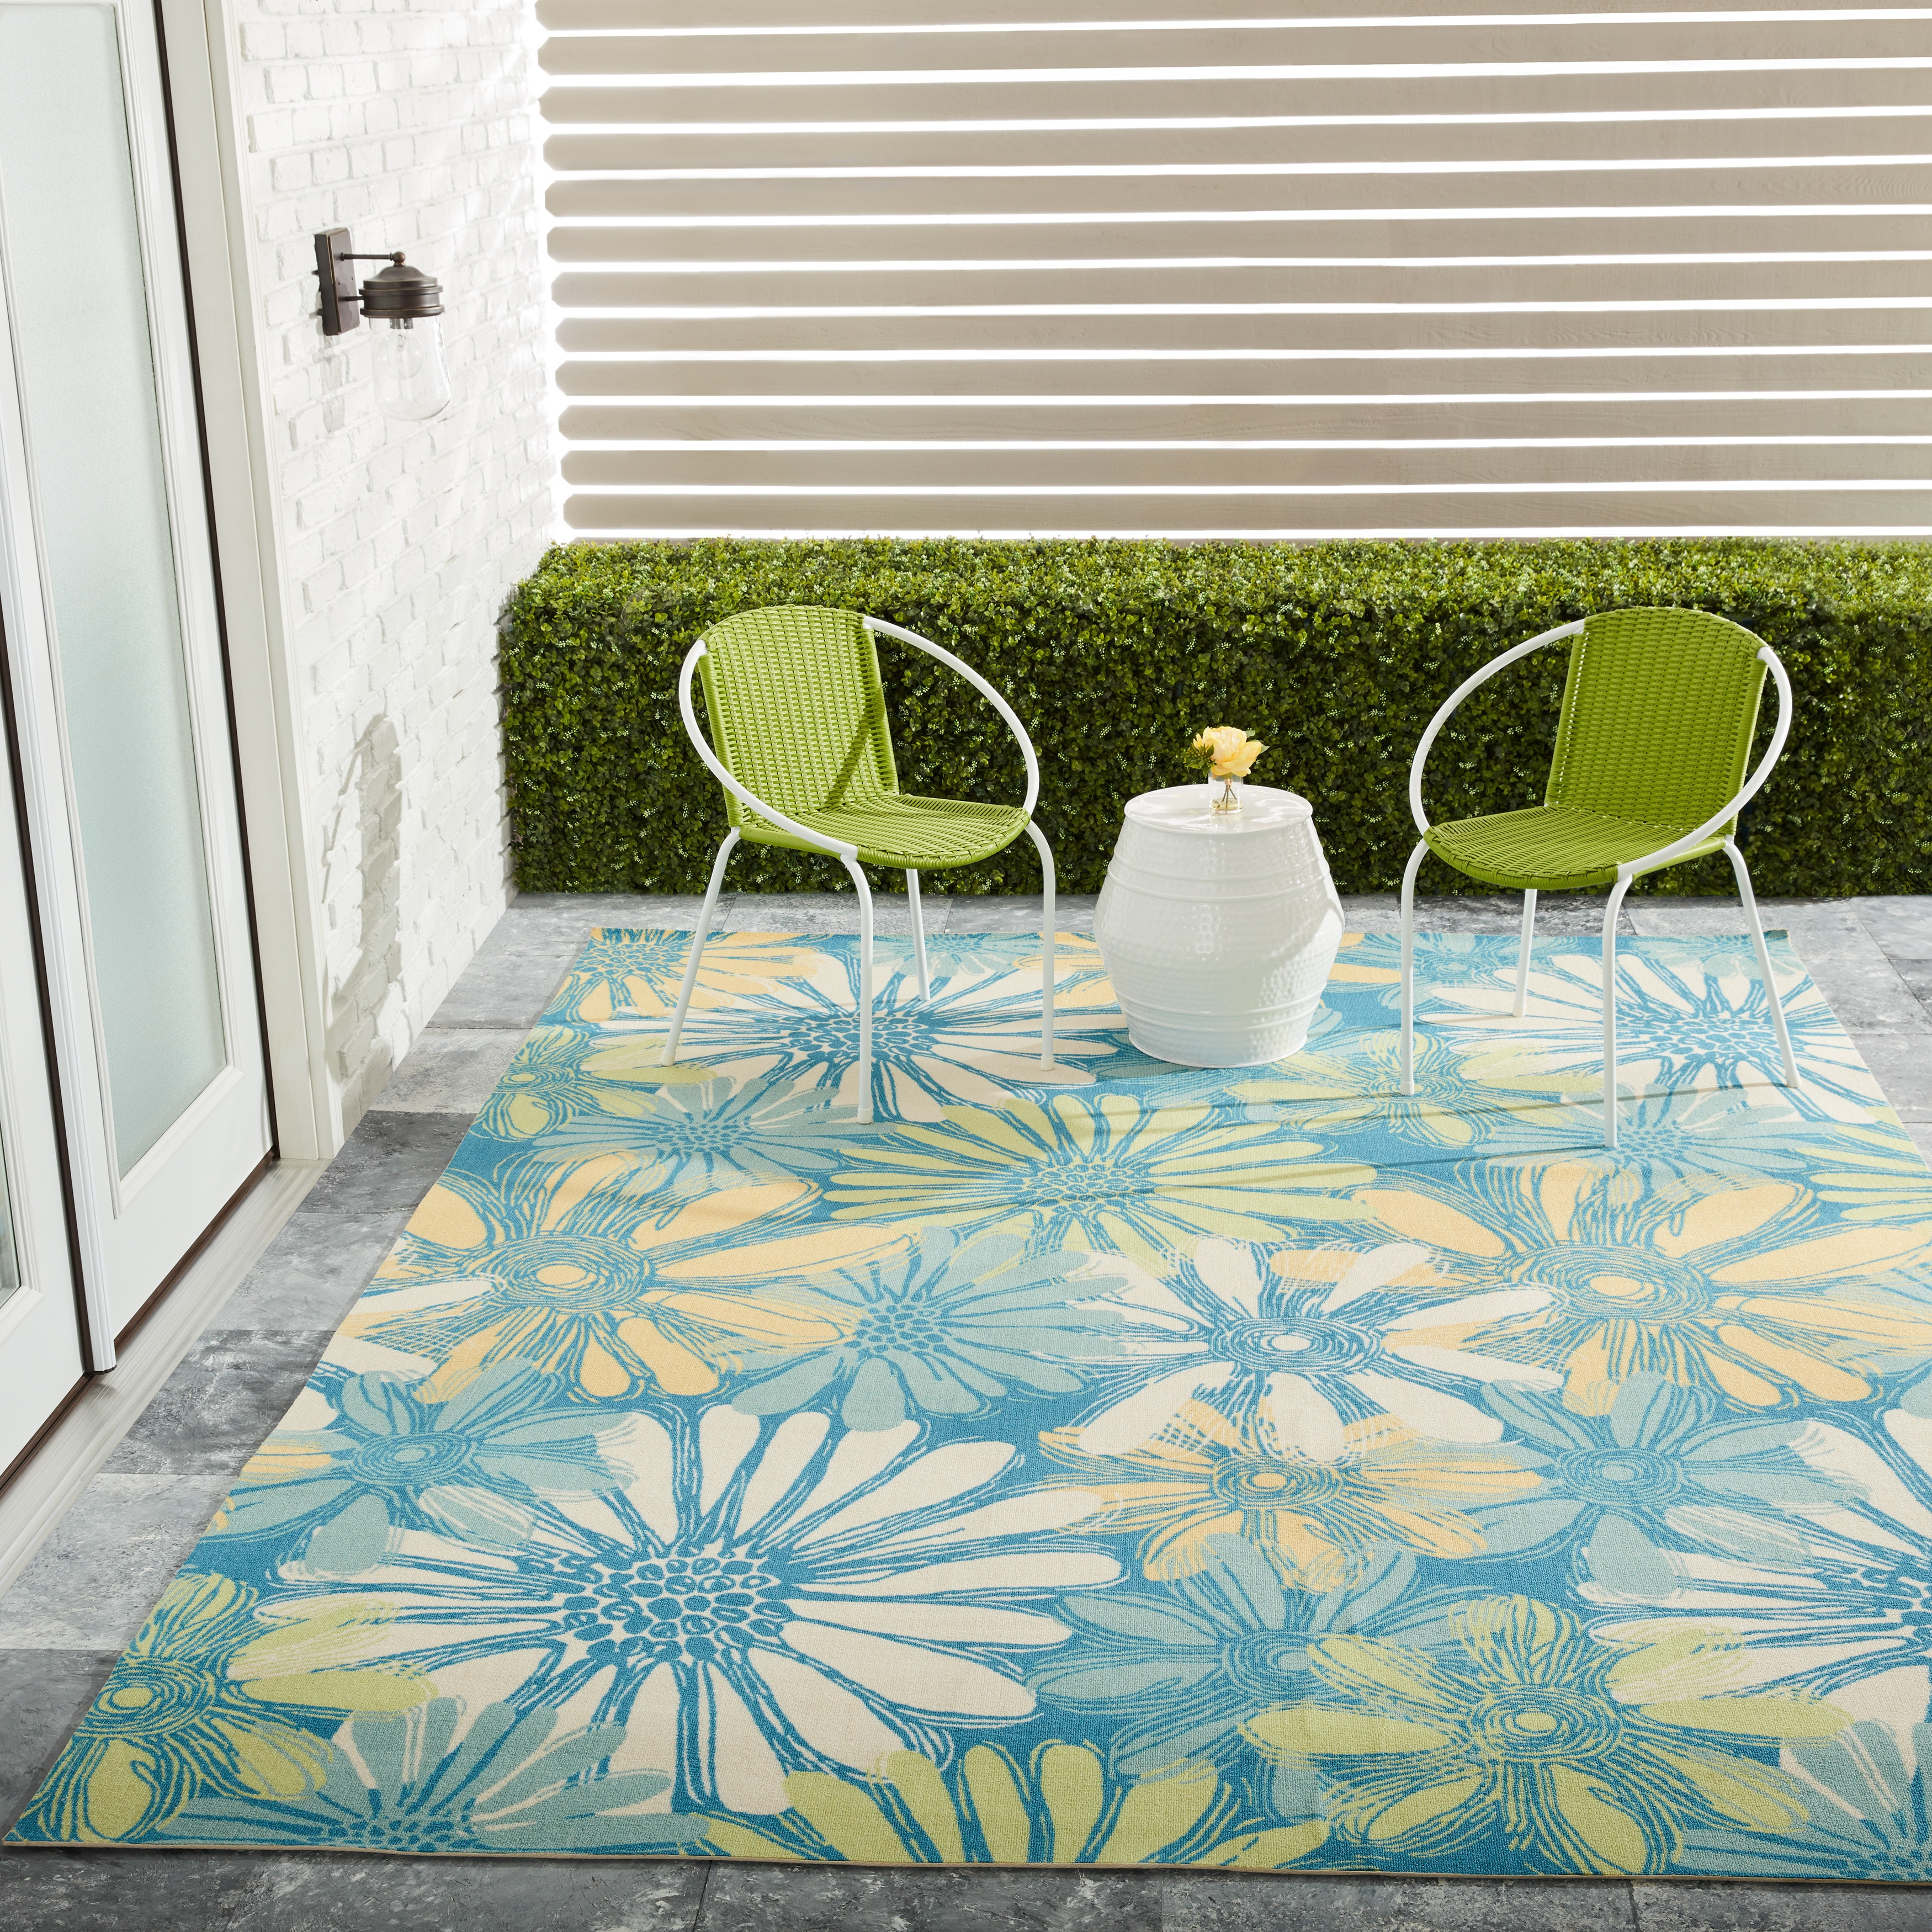 Nourison Home & Garden Indoor/Outdoor Blue Rug (5'3 x 7'5...